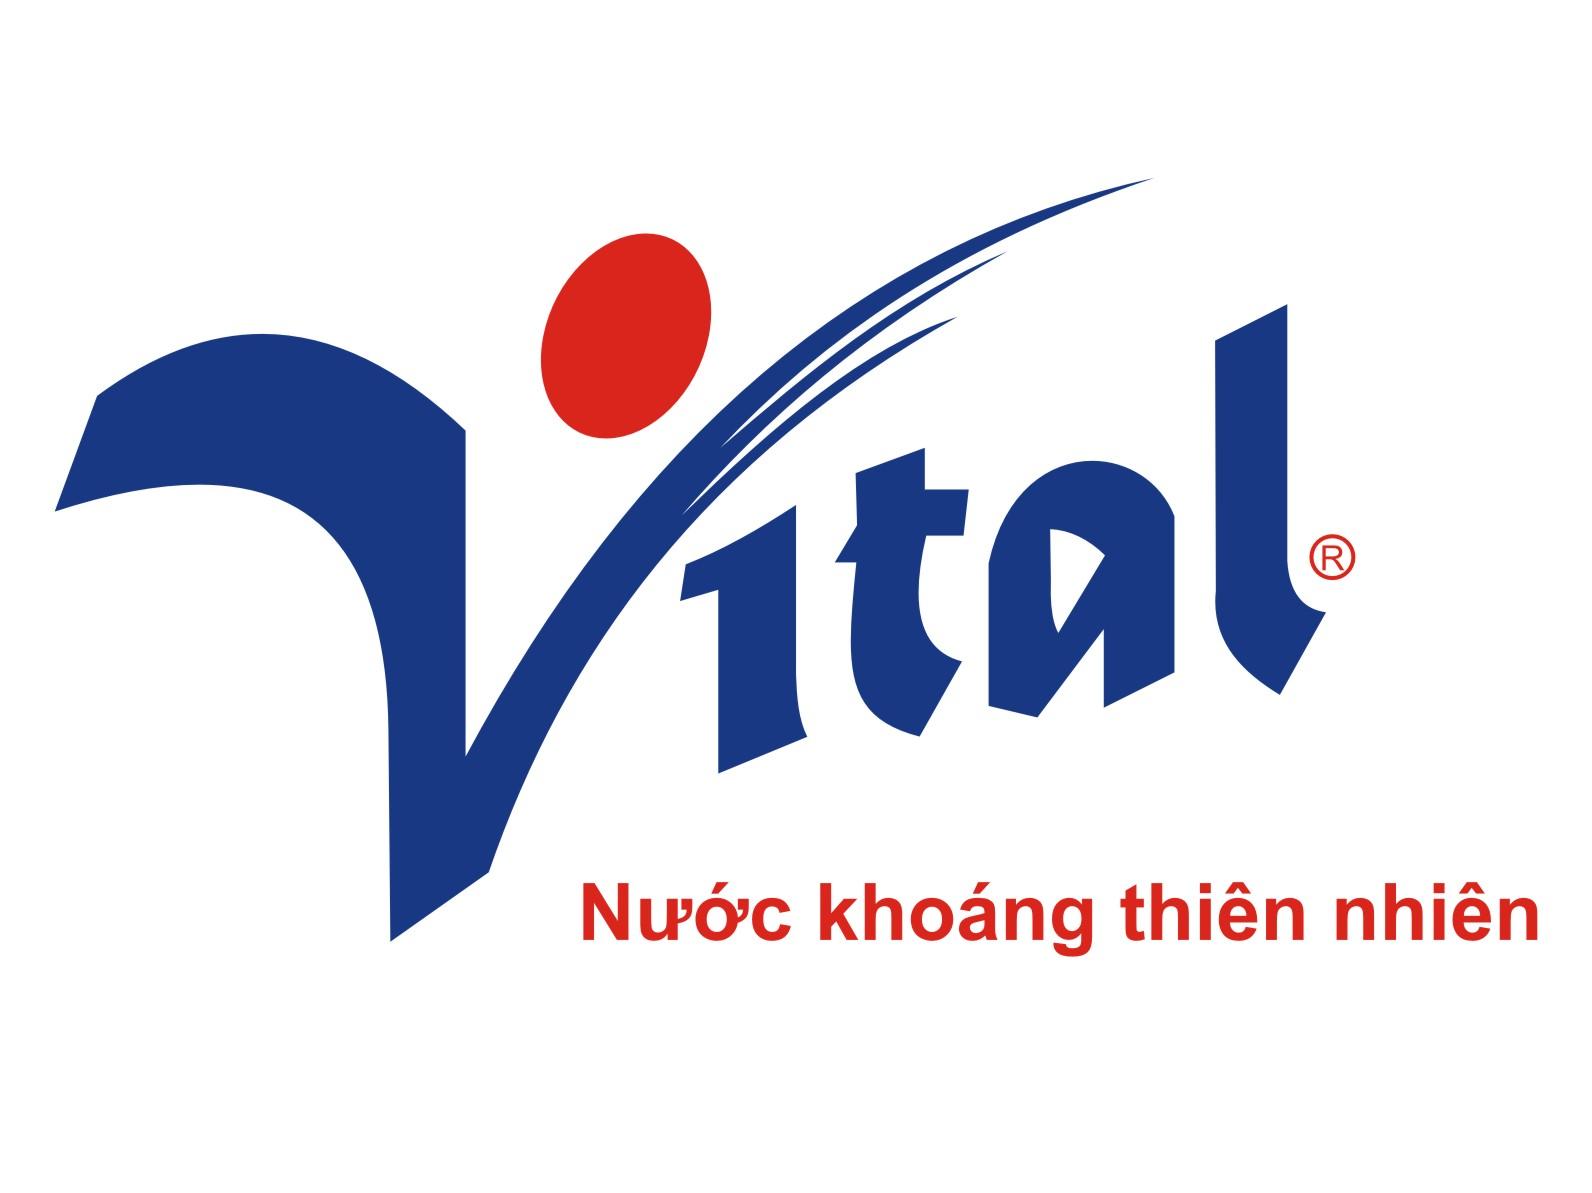 thiet ke logo nuoc uong dong binh